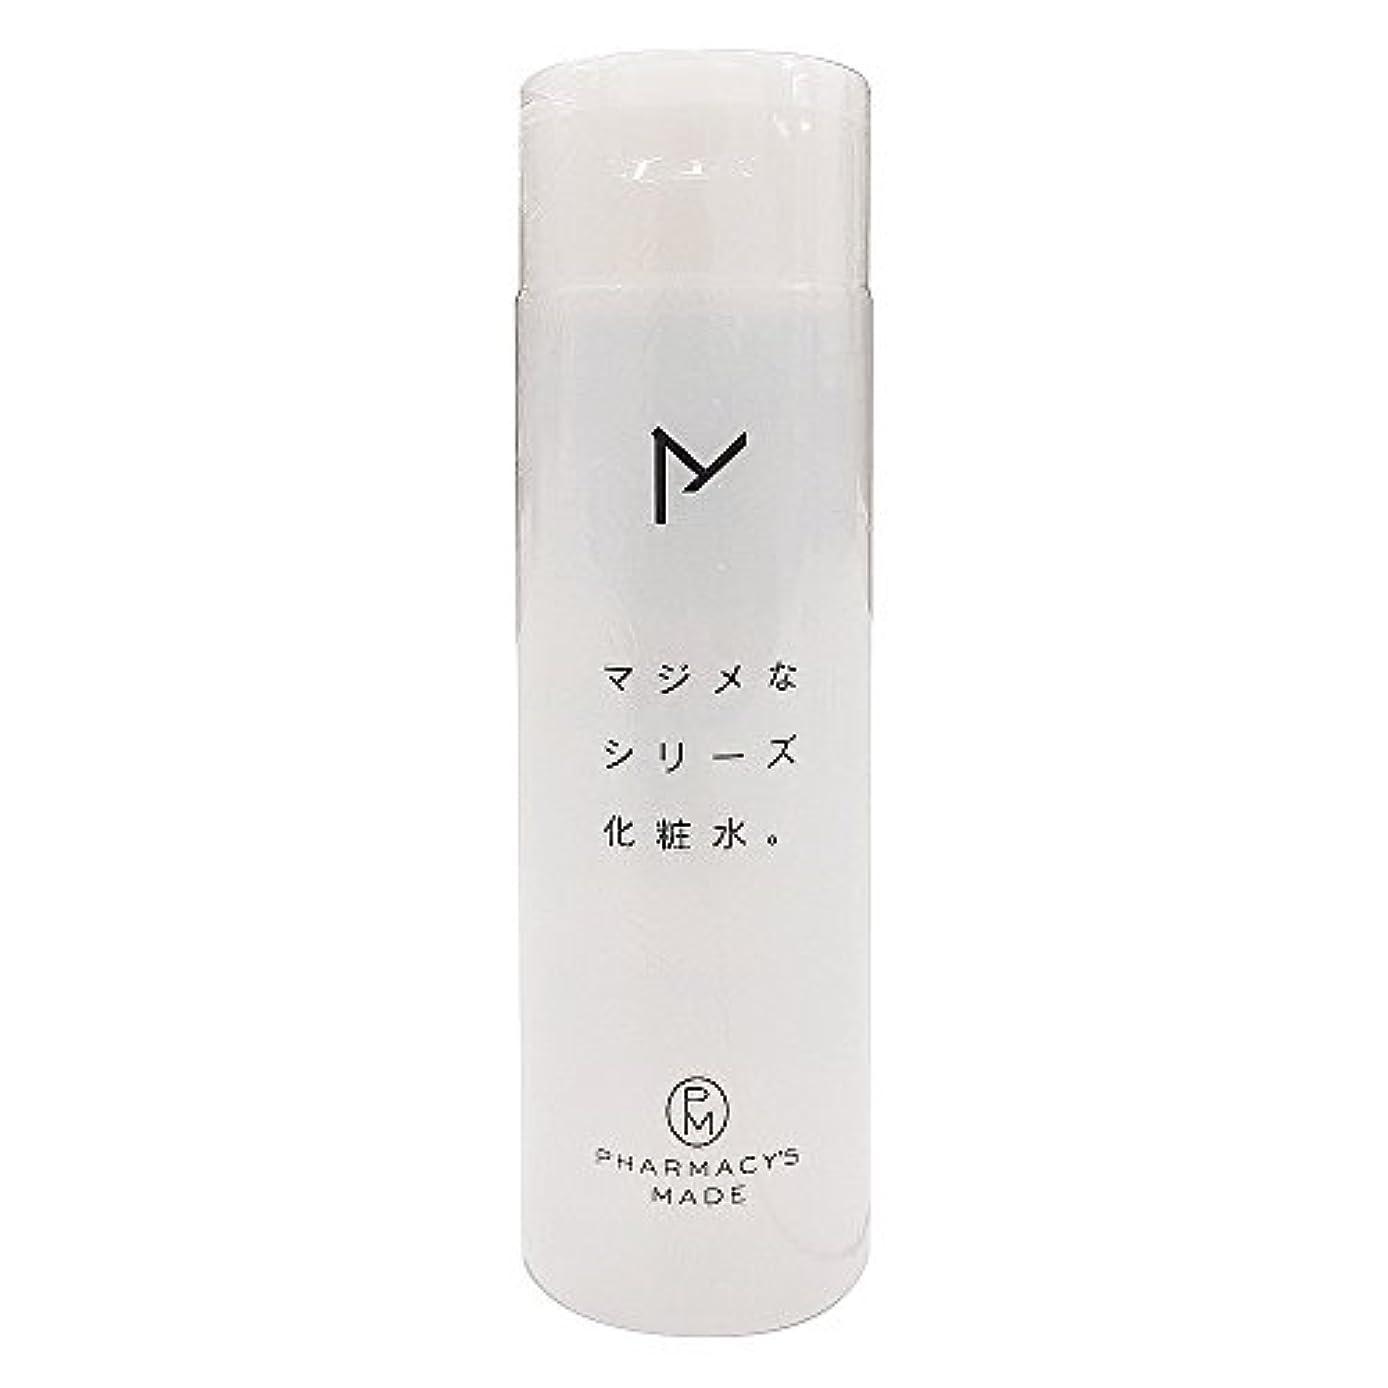 クリーナーバースト敬の念水橋保寿堂製薬 マジメなシリーズ化粧水。 200ml